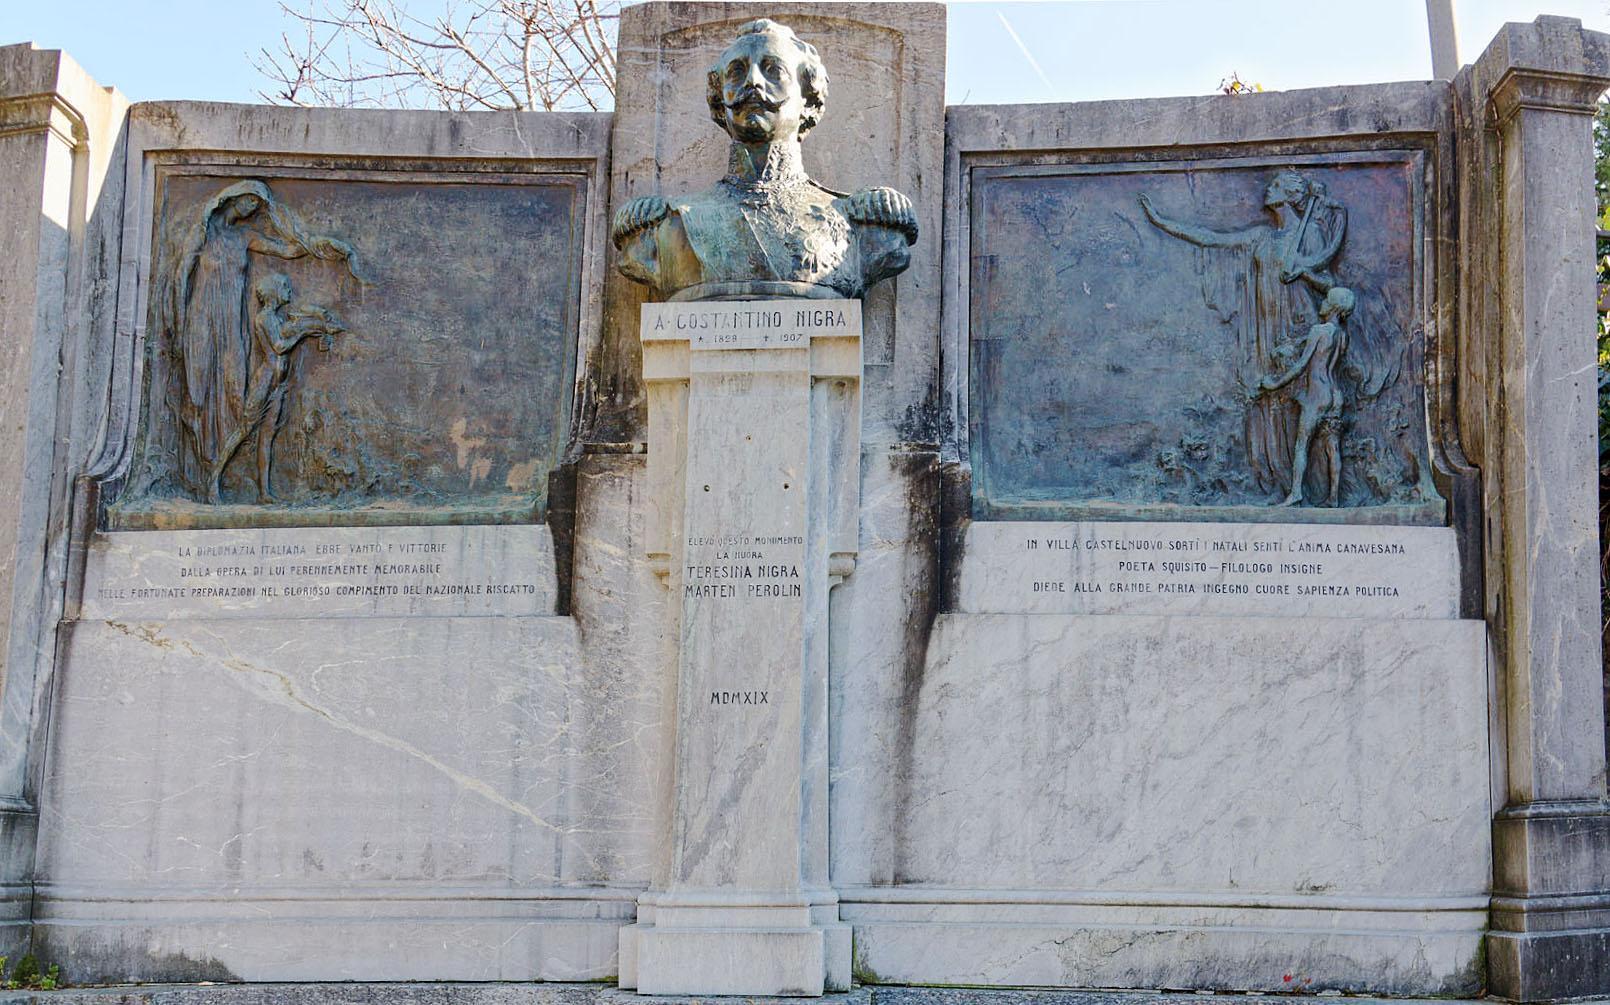 Monumento a Costantino Nigra a Villa Castelnuovo